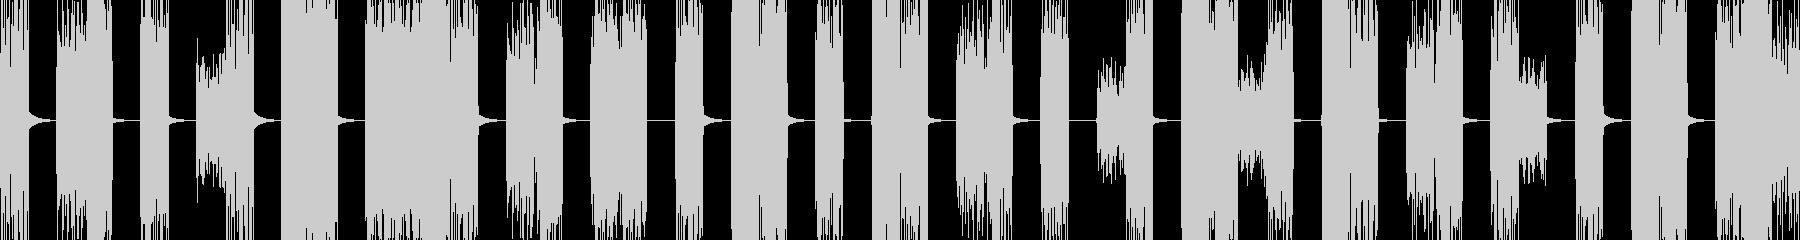 壊れたPCの様な音 ザップ音の未再生の波形